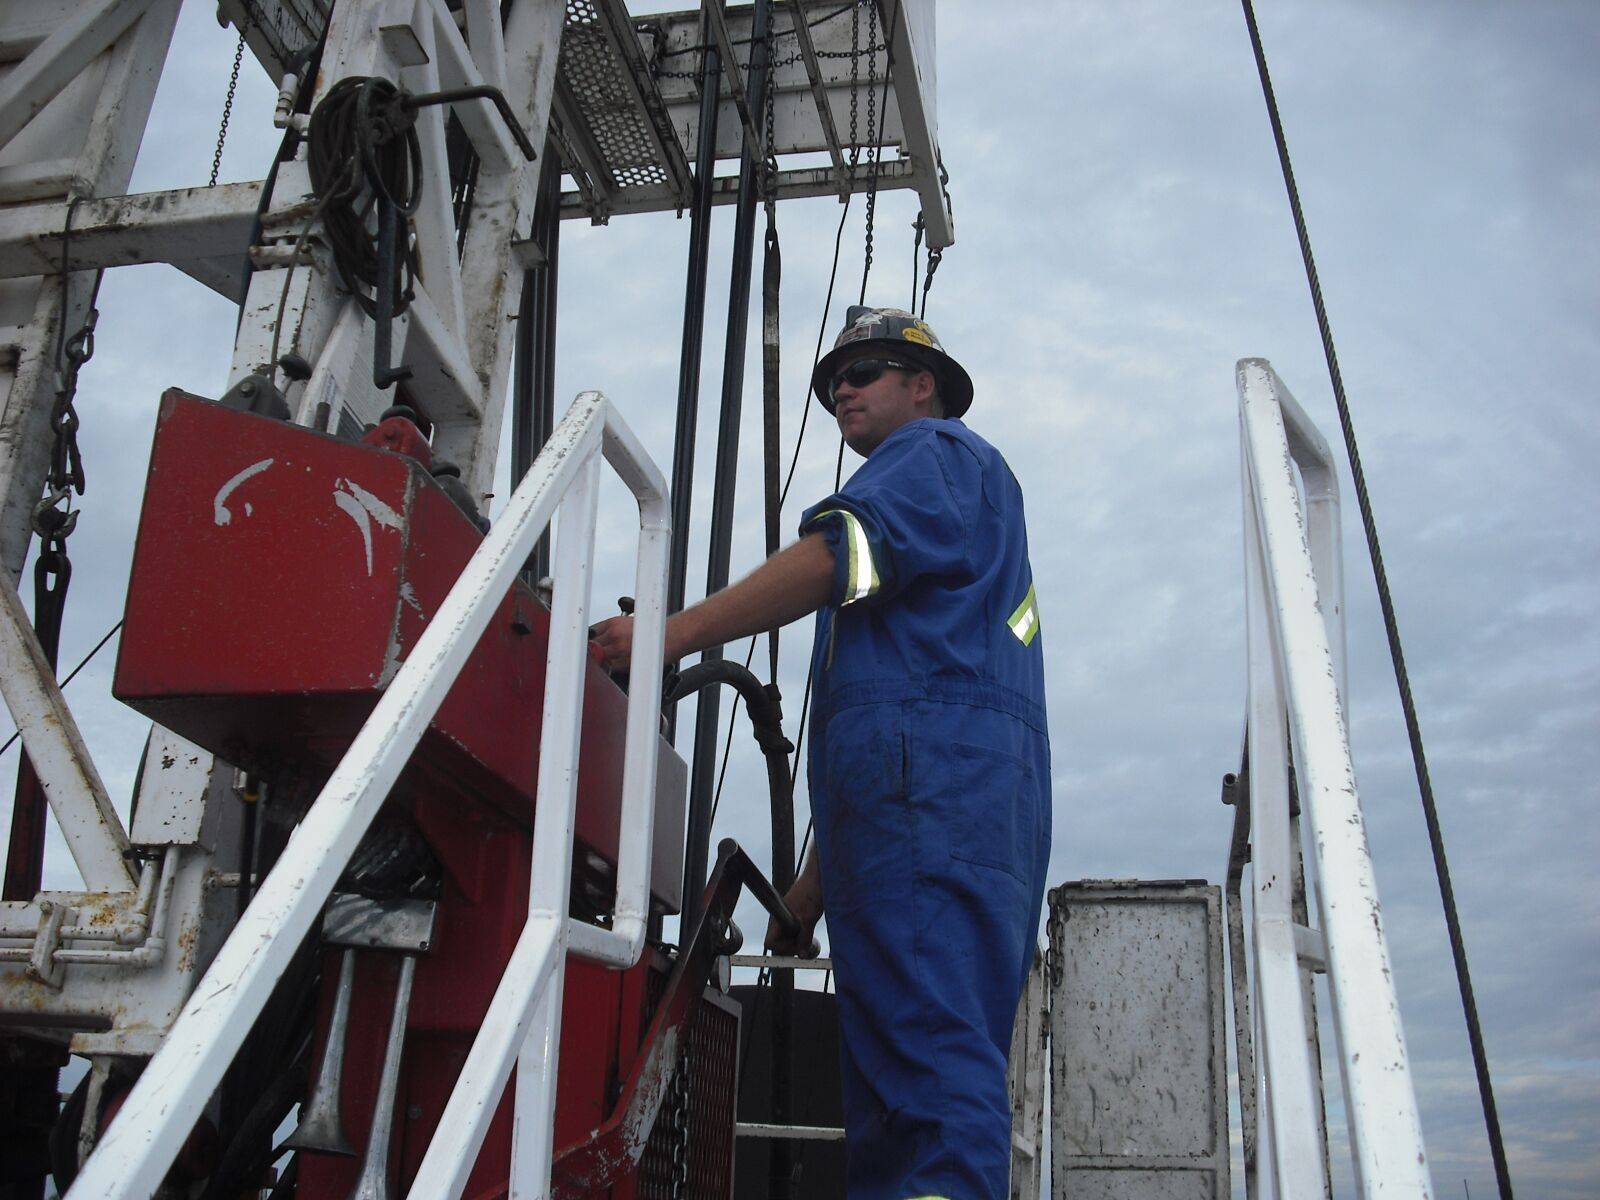 driller, service rig, oil